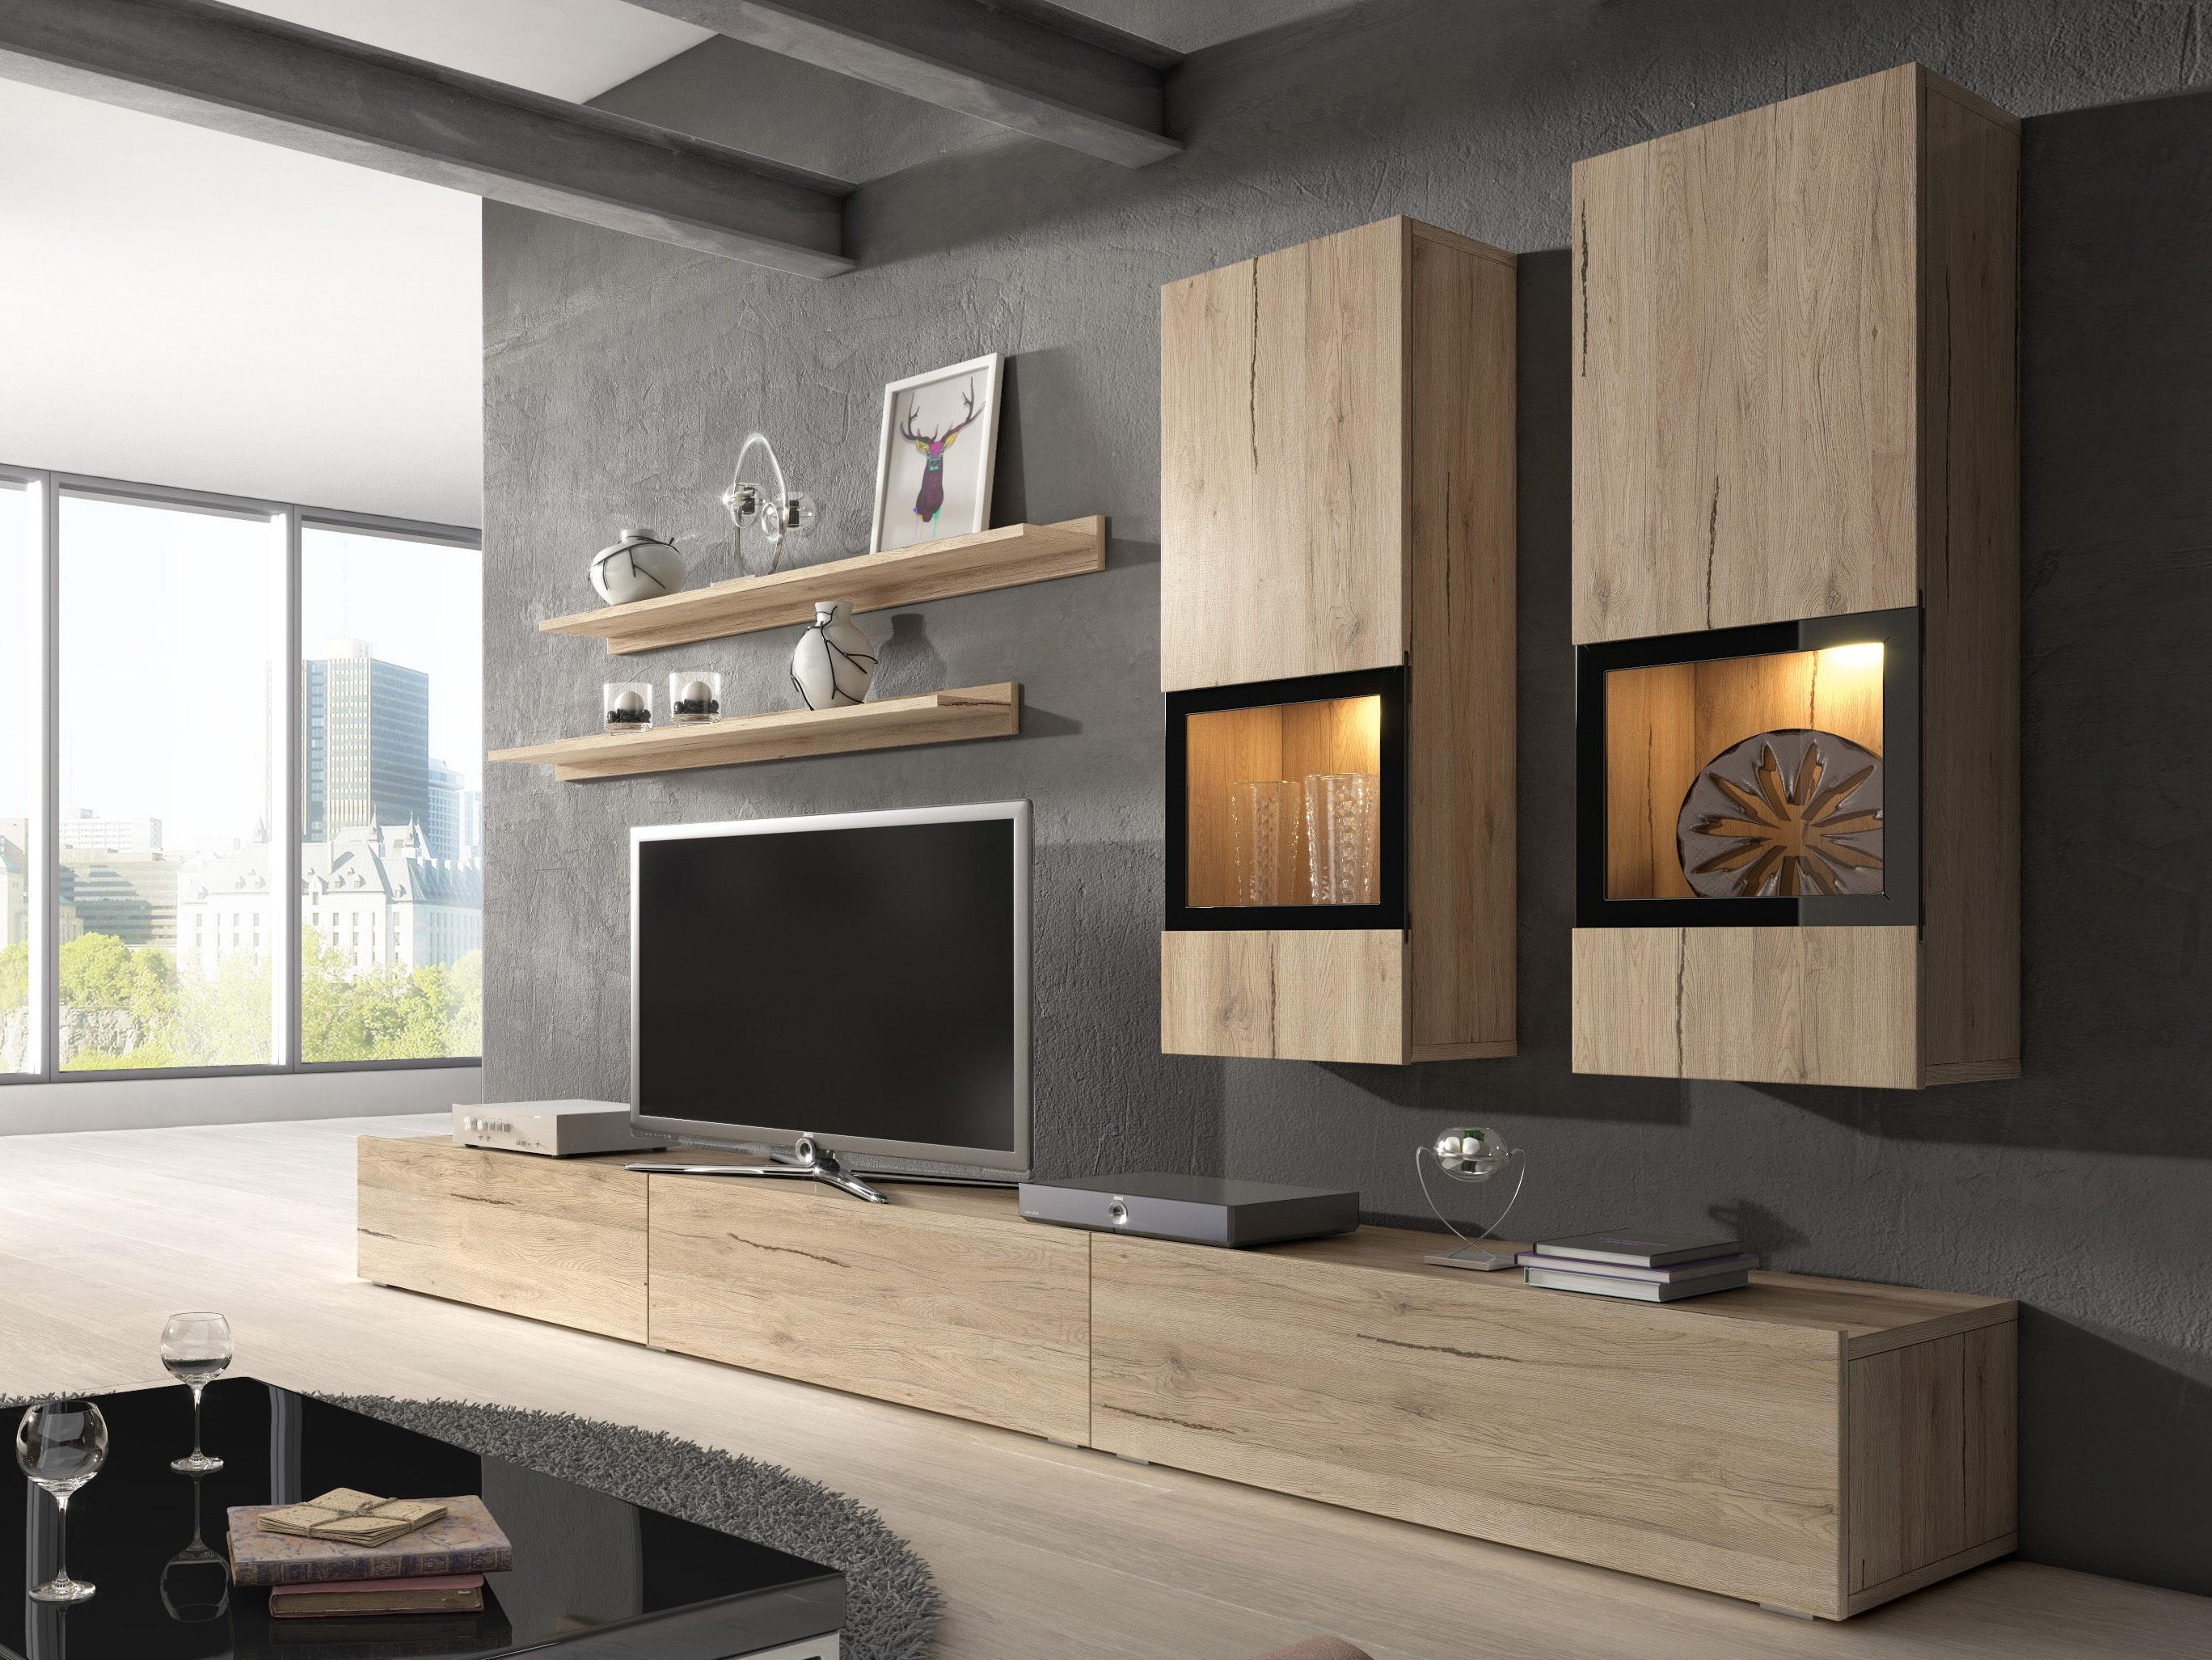 Obývací stěna - Berle - Typ 10 (dub san remo světlý)